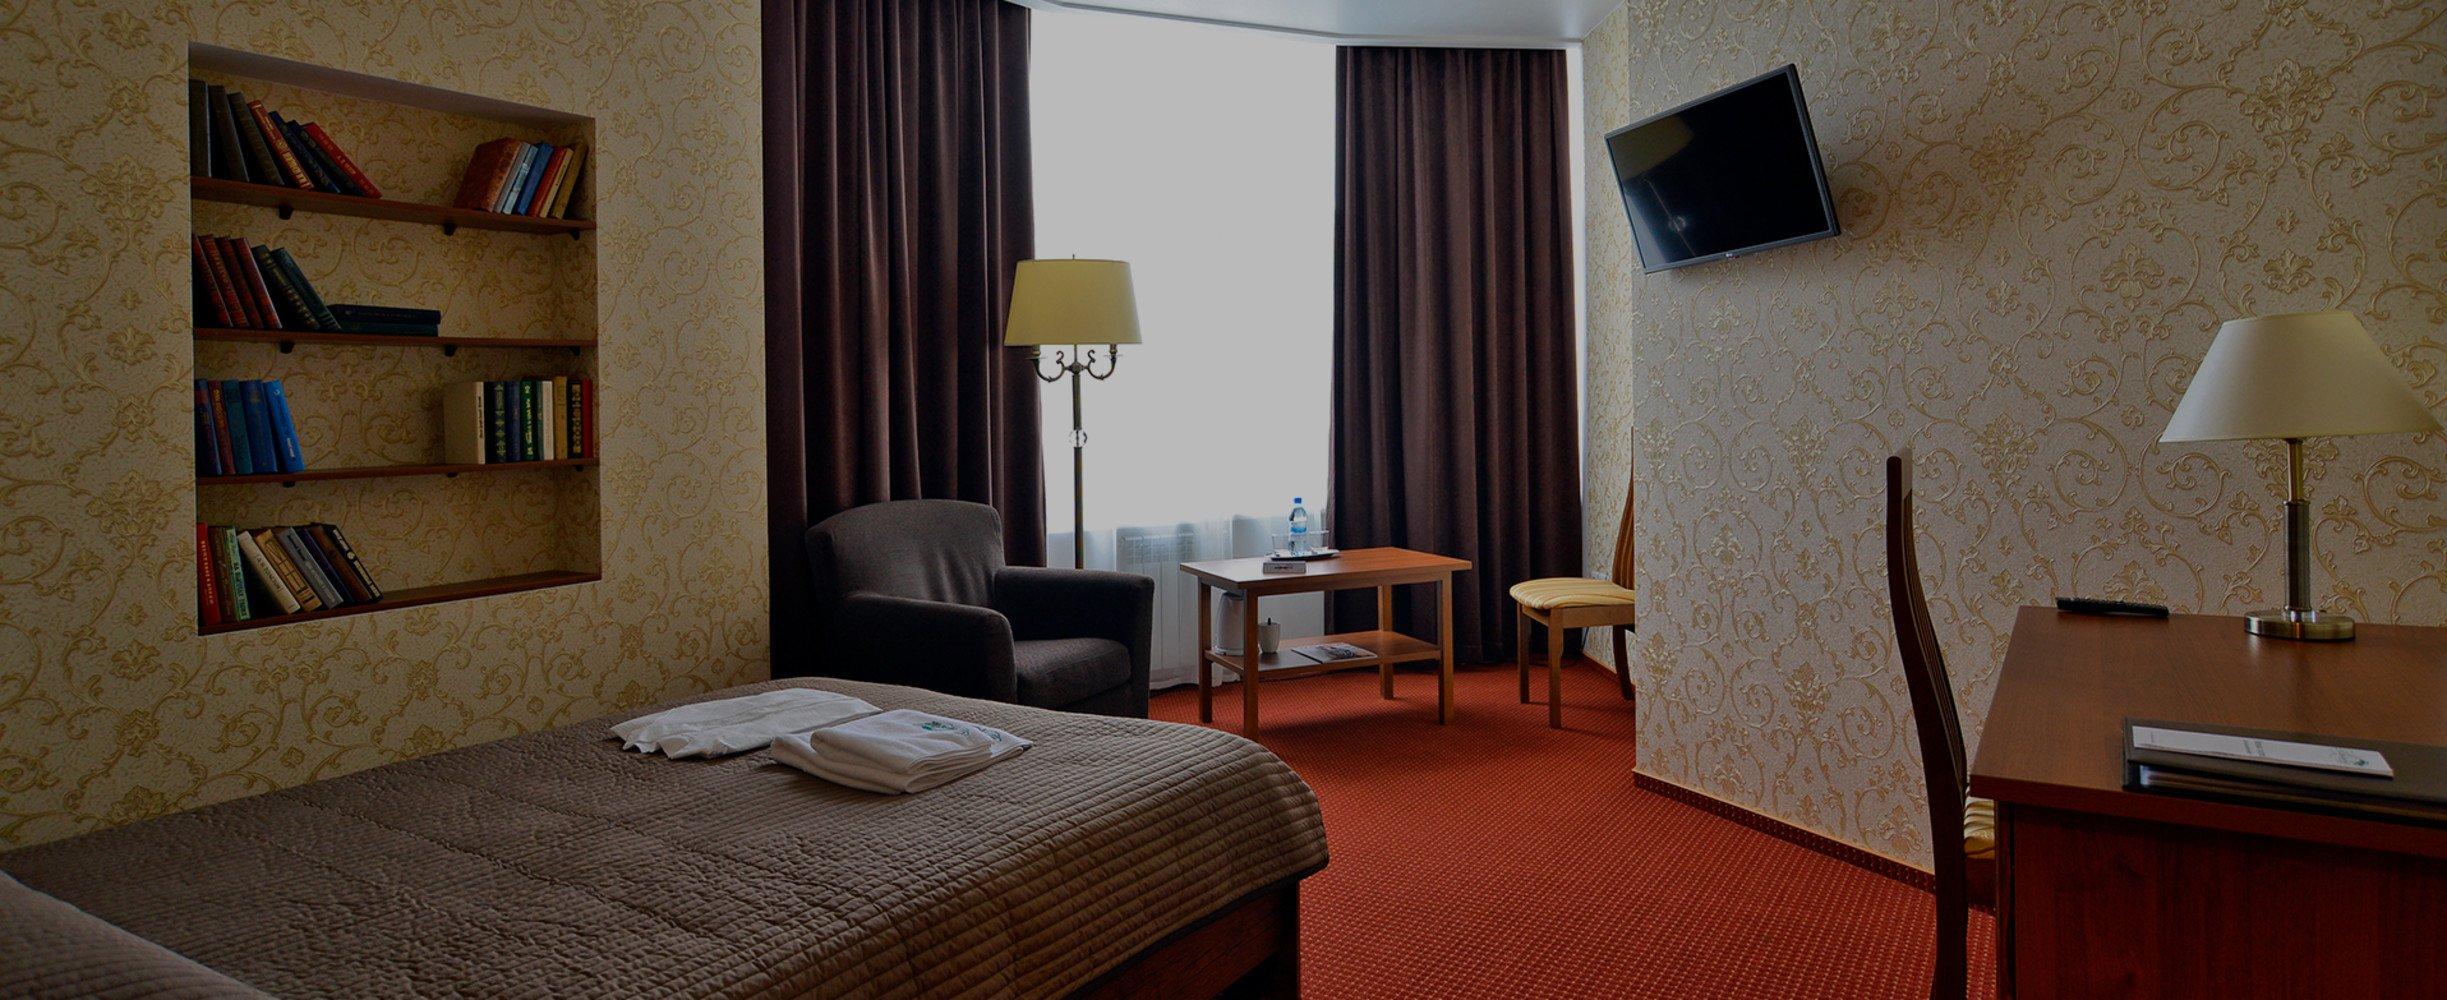 Снять номер в гостинице Лермонтов отель